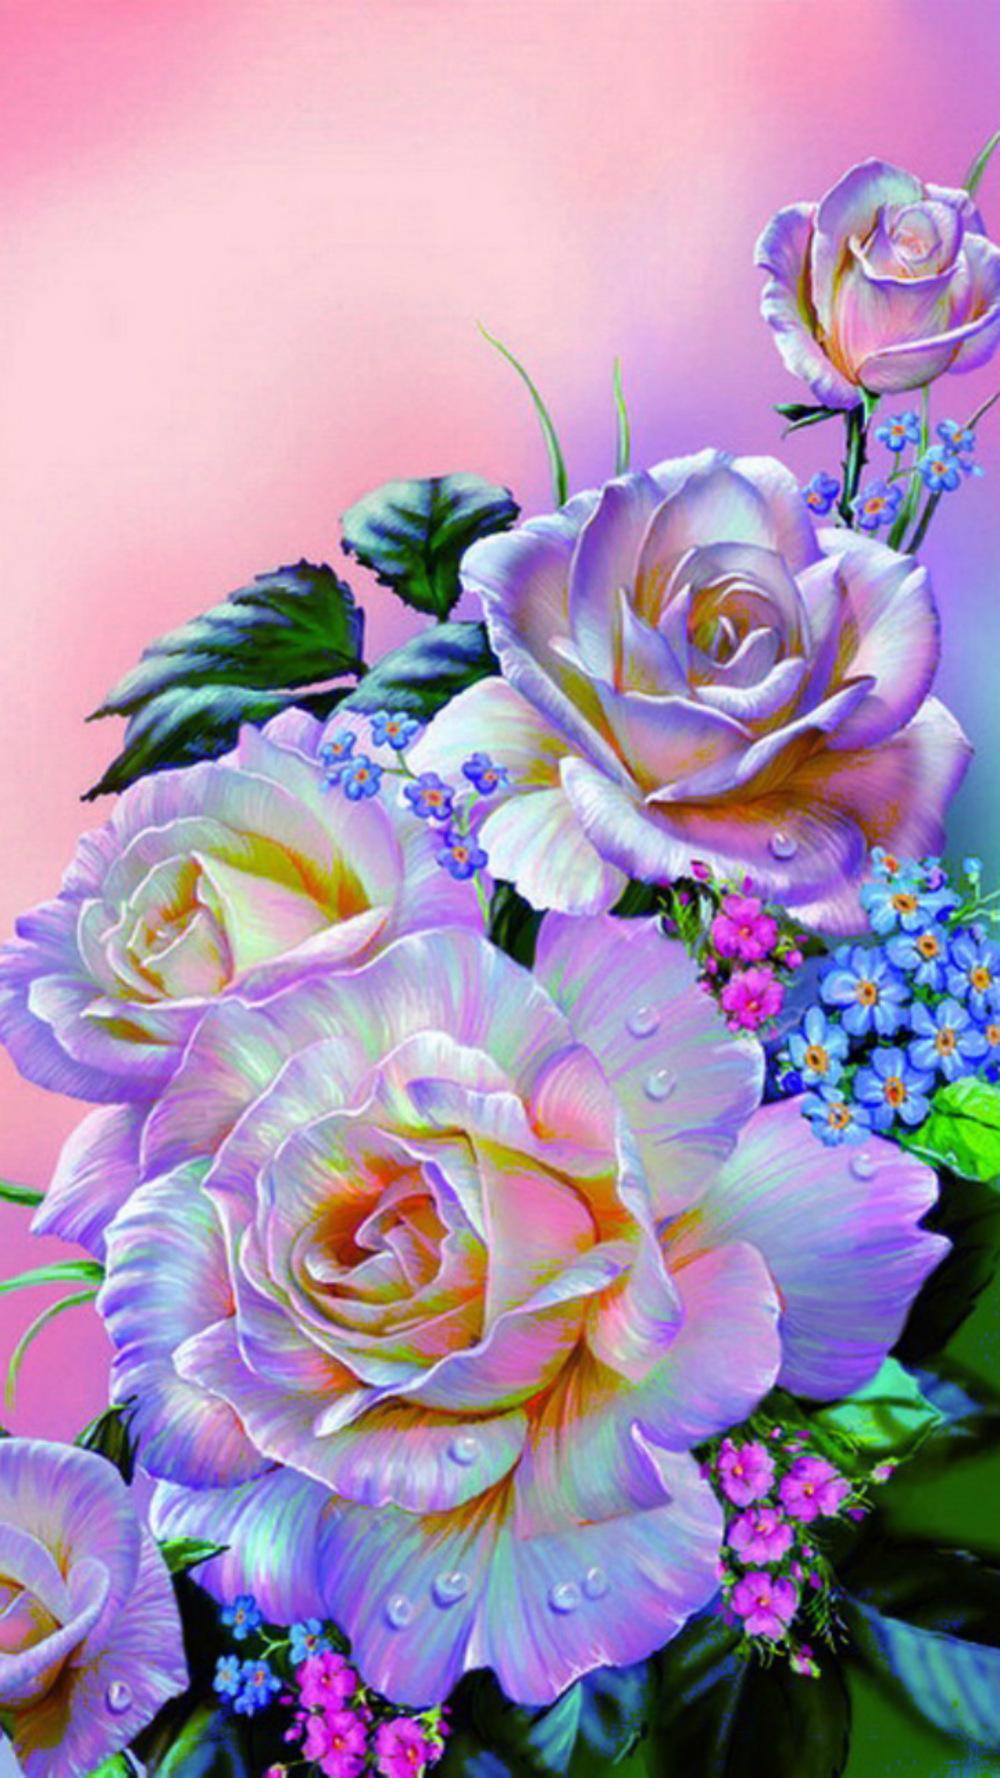 573fb894228 Цветы Обои На Телефон Картинки